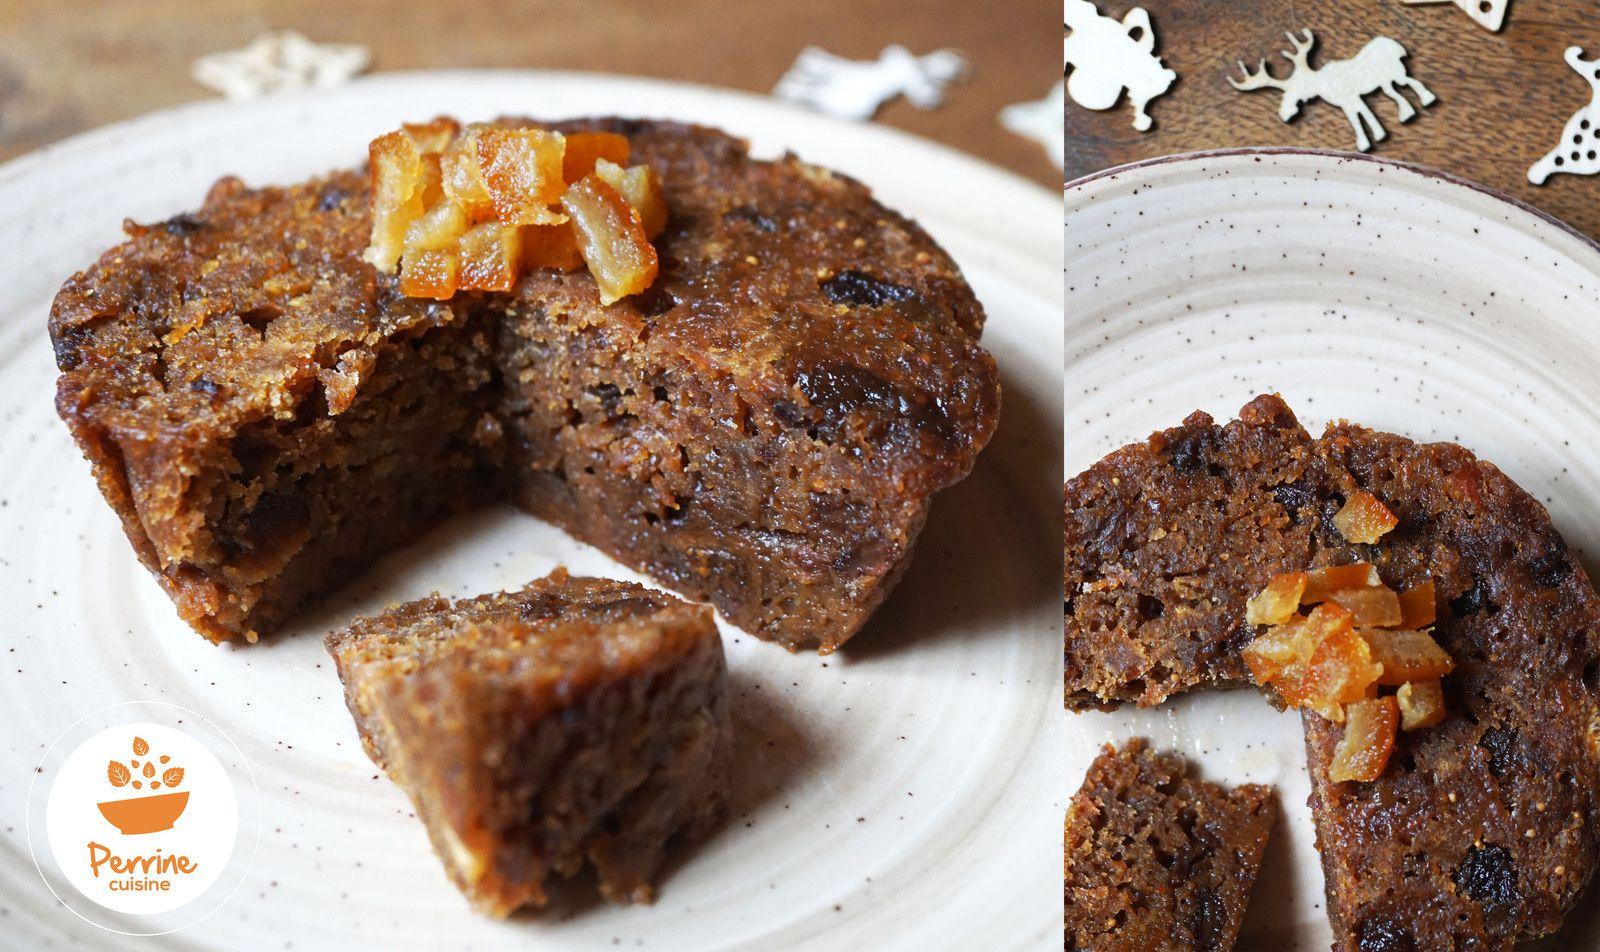 Perrine cuisine Chrismas Pudding